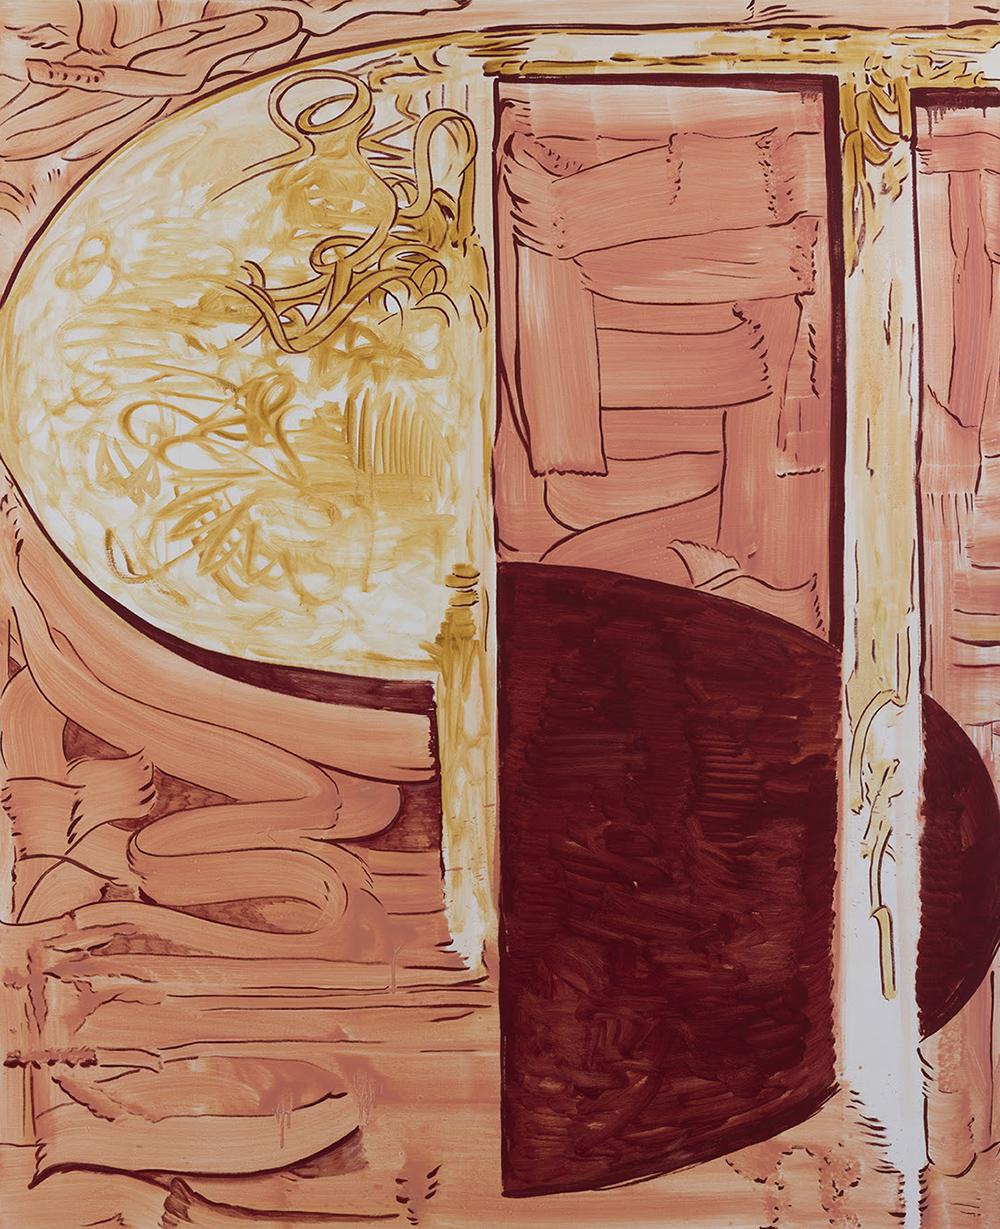 Rasmus Nilausen, The Better Half, 2019 (Olie på hørlærred, 160 x 130 cm). Courtesy kunstneren & garcía | galería, Madrid), foto af Roberto Ruíz